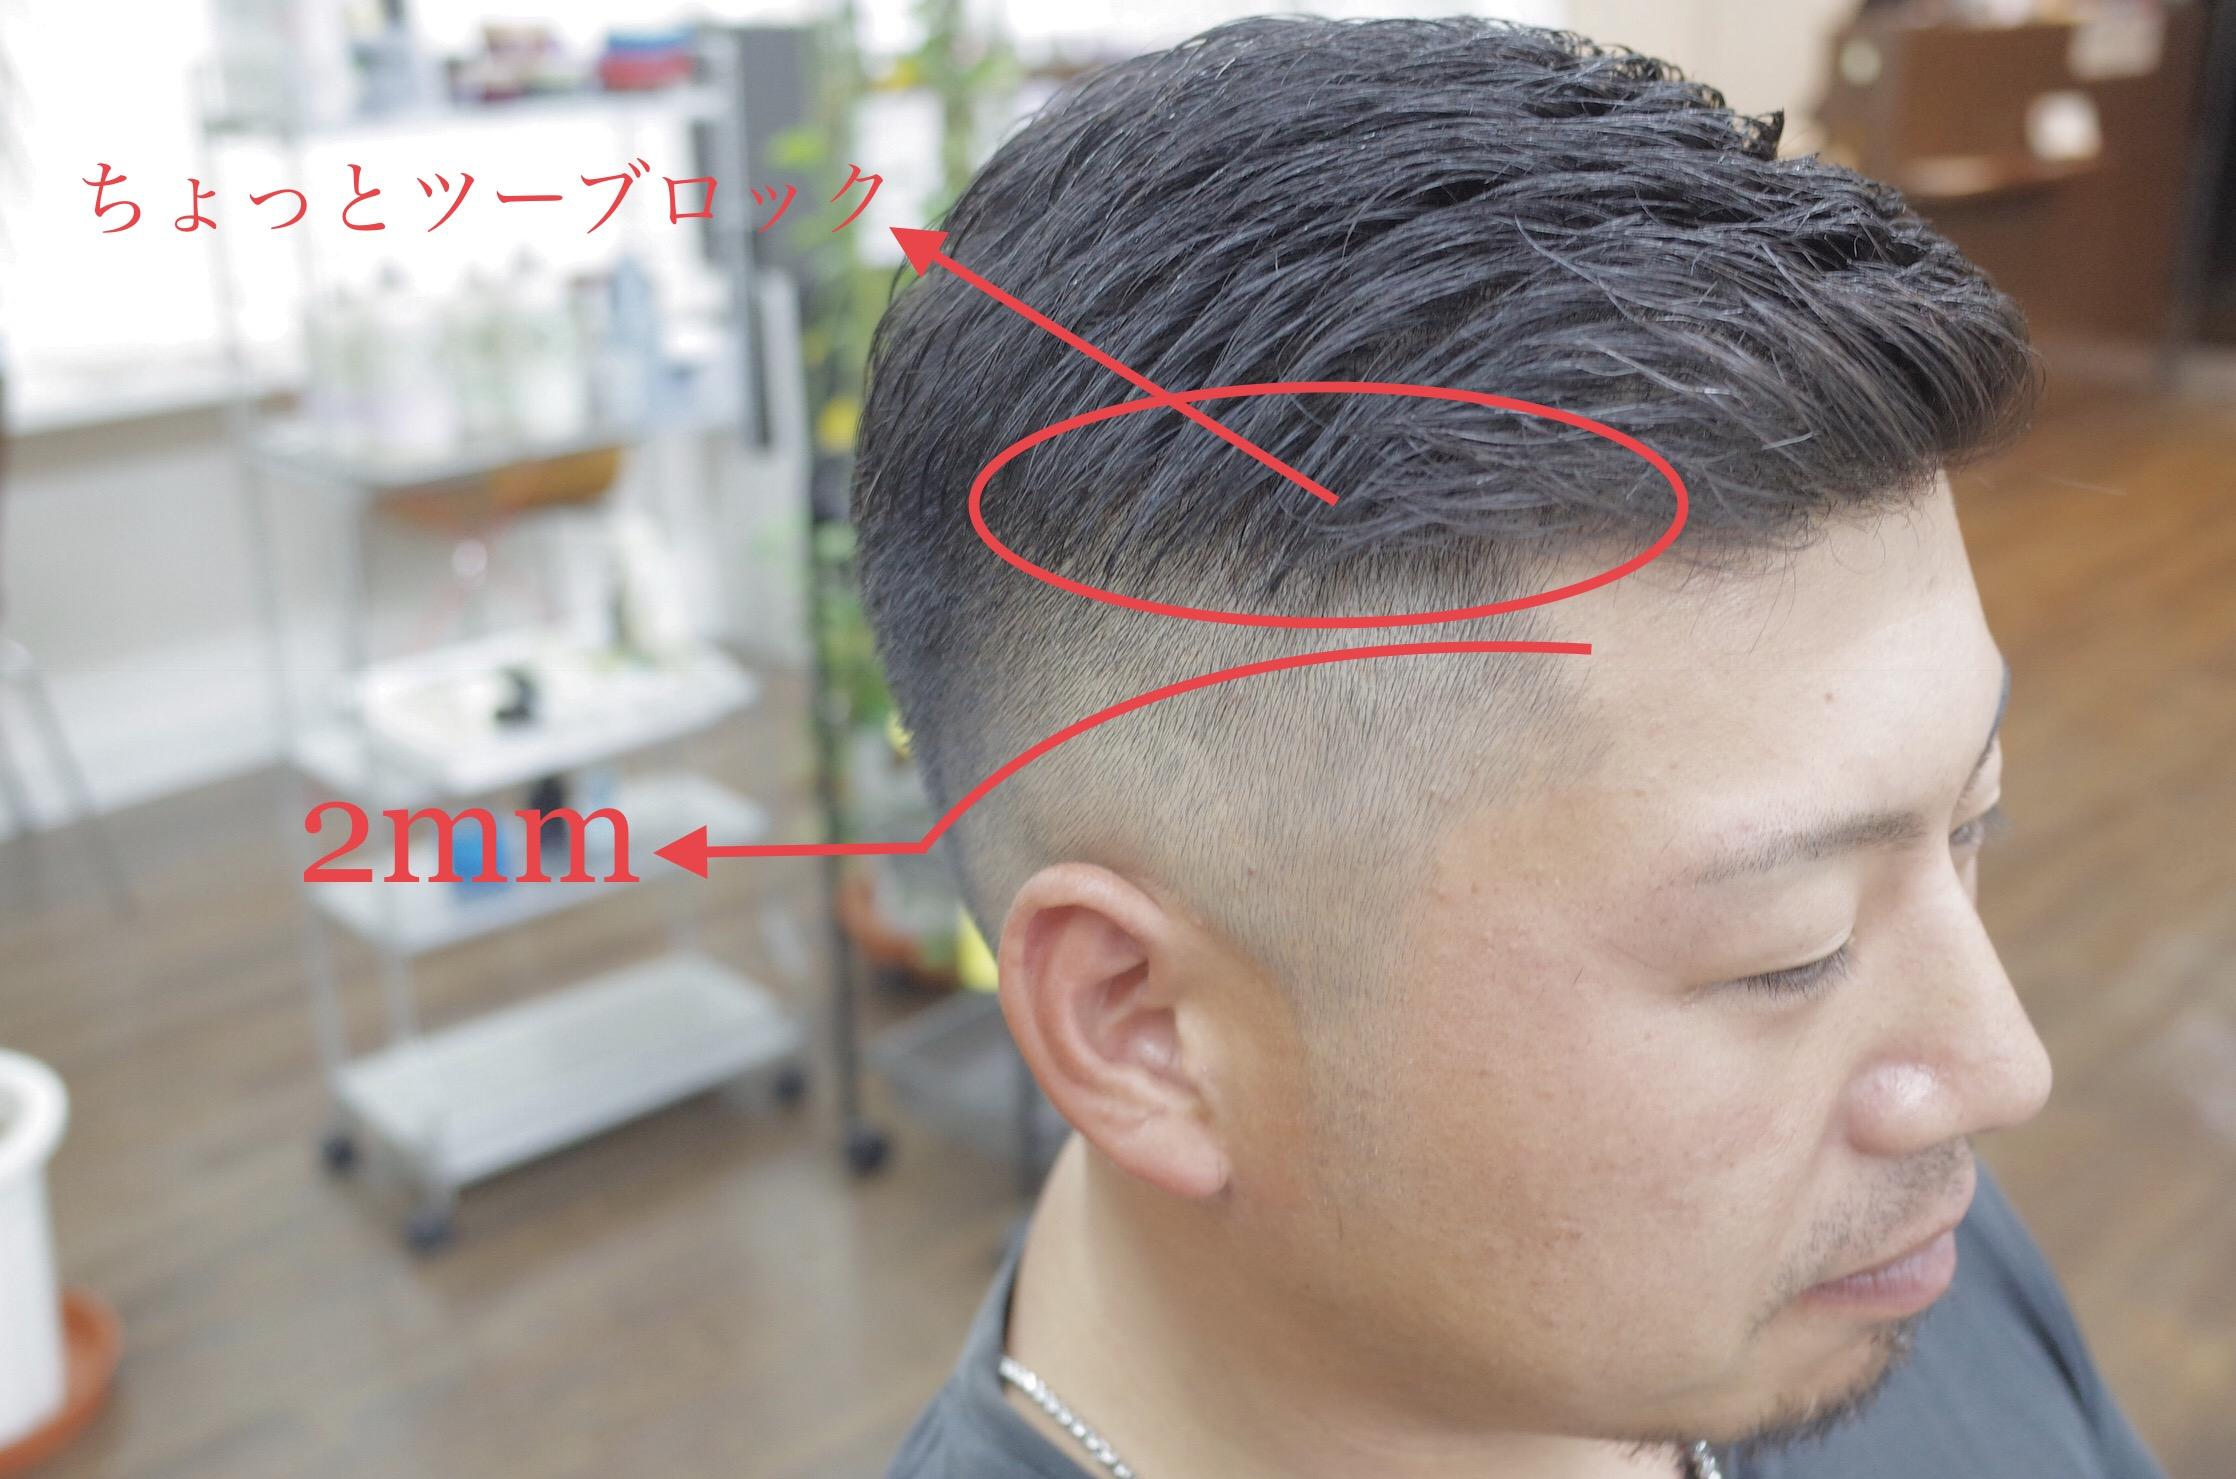 ケンコバ風の髪型の右側を作るポイントを表した写真